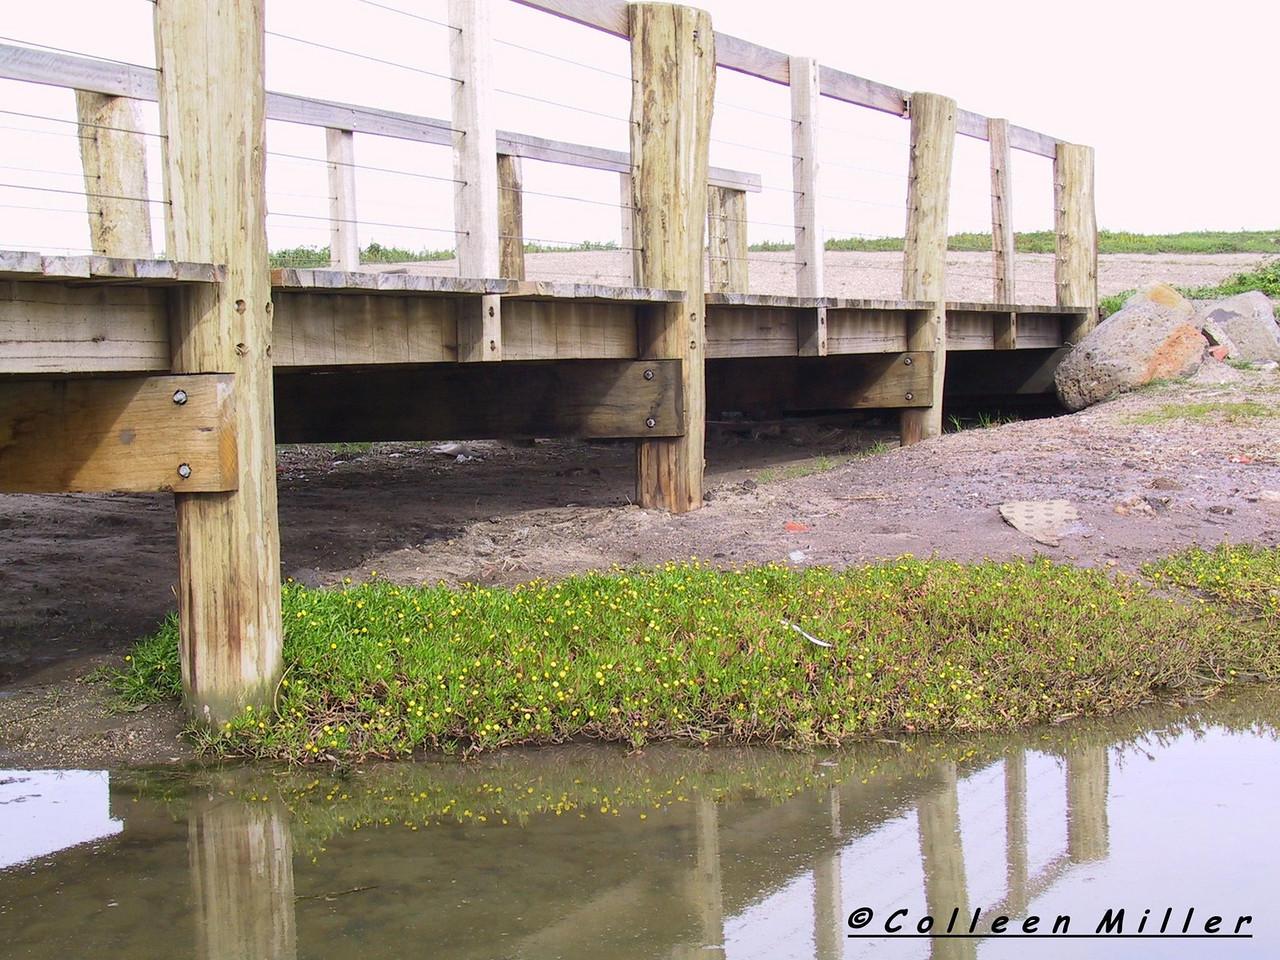 Cotula coronopifolia - Water Buttons